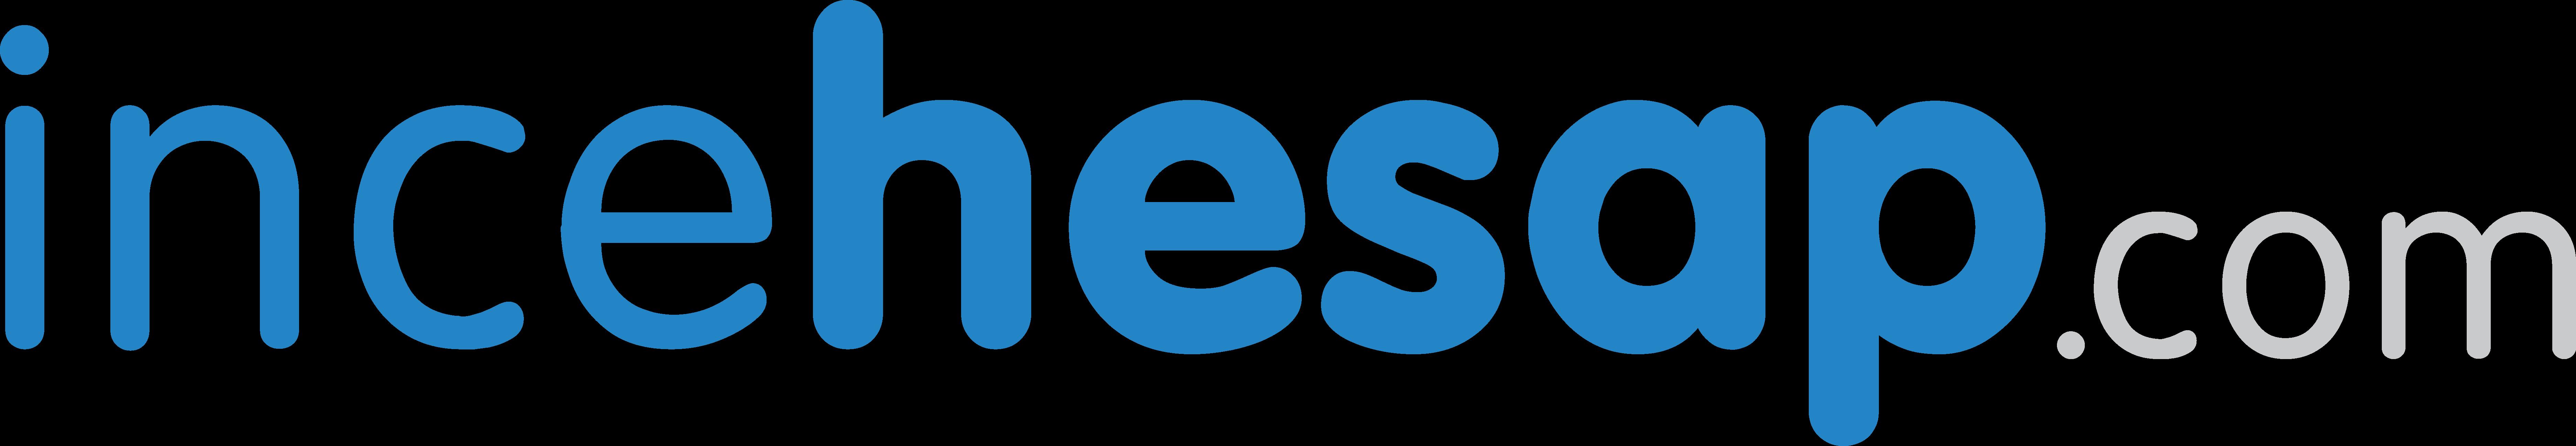 İncehesap.com